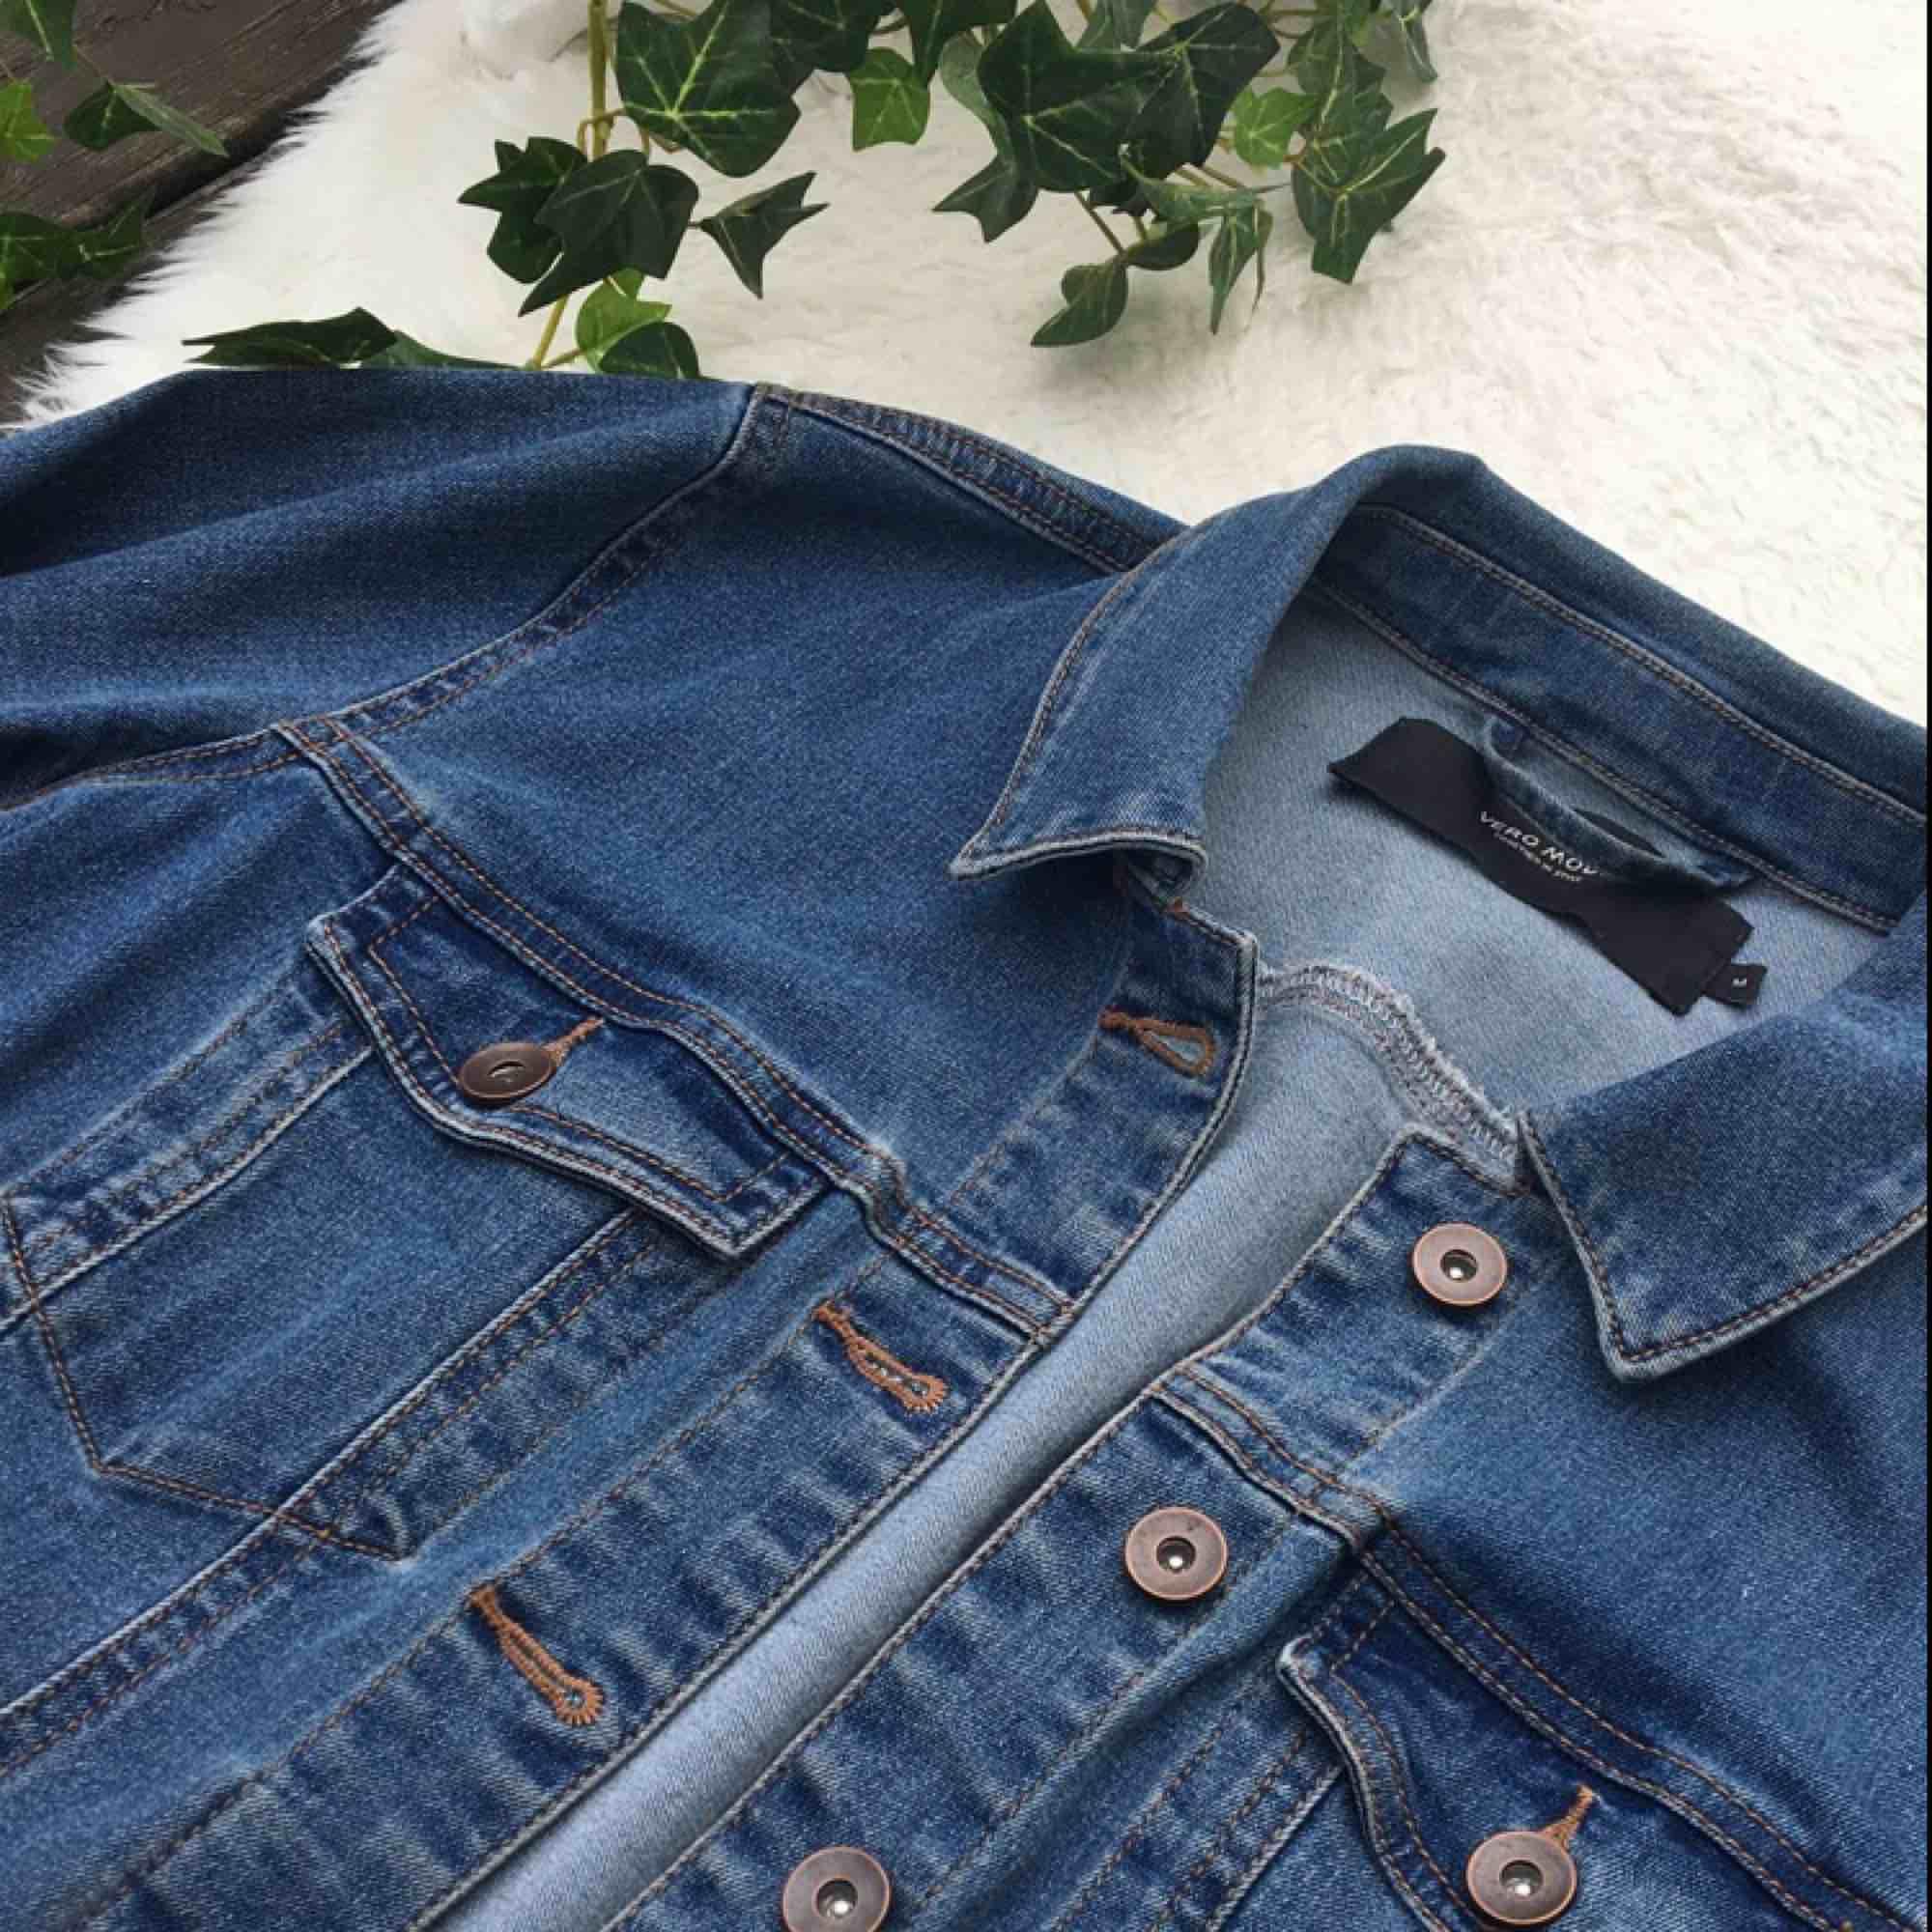 Jeansjacka från Vero Moda i storlek M. Stretchigt jeansmaterial så därav väldigt skön och sitter väldigt bra. Köpt förra året och endast använd ett par gånger. Kommer tyvärr aldrig till användning då jag inte trivs i jeansjackor. Frakt inräknat i priset.. Jackor.